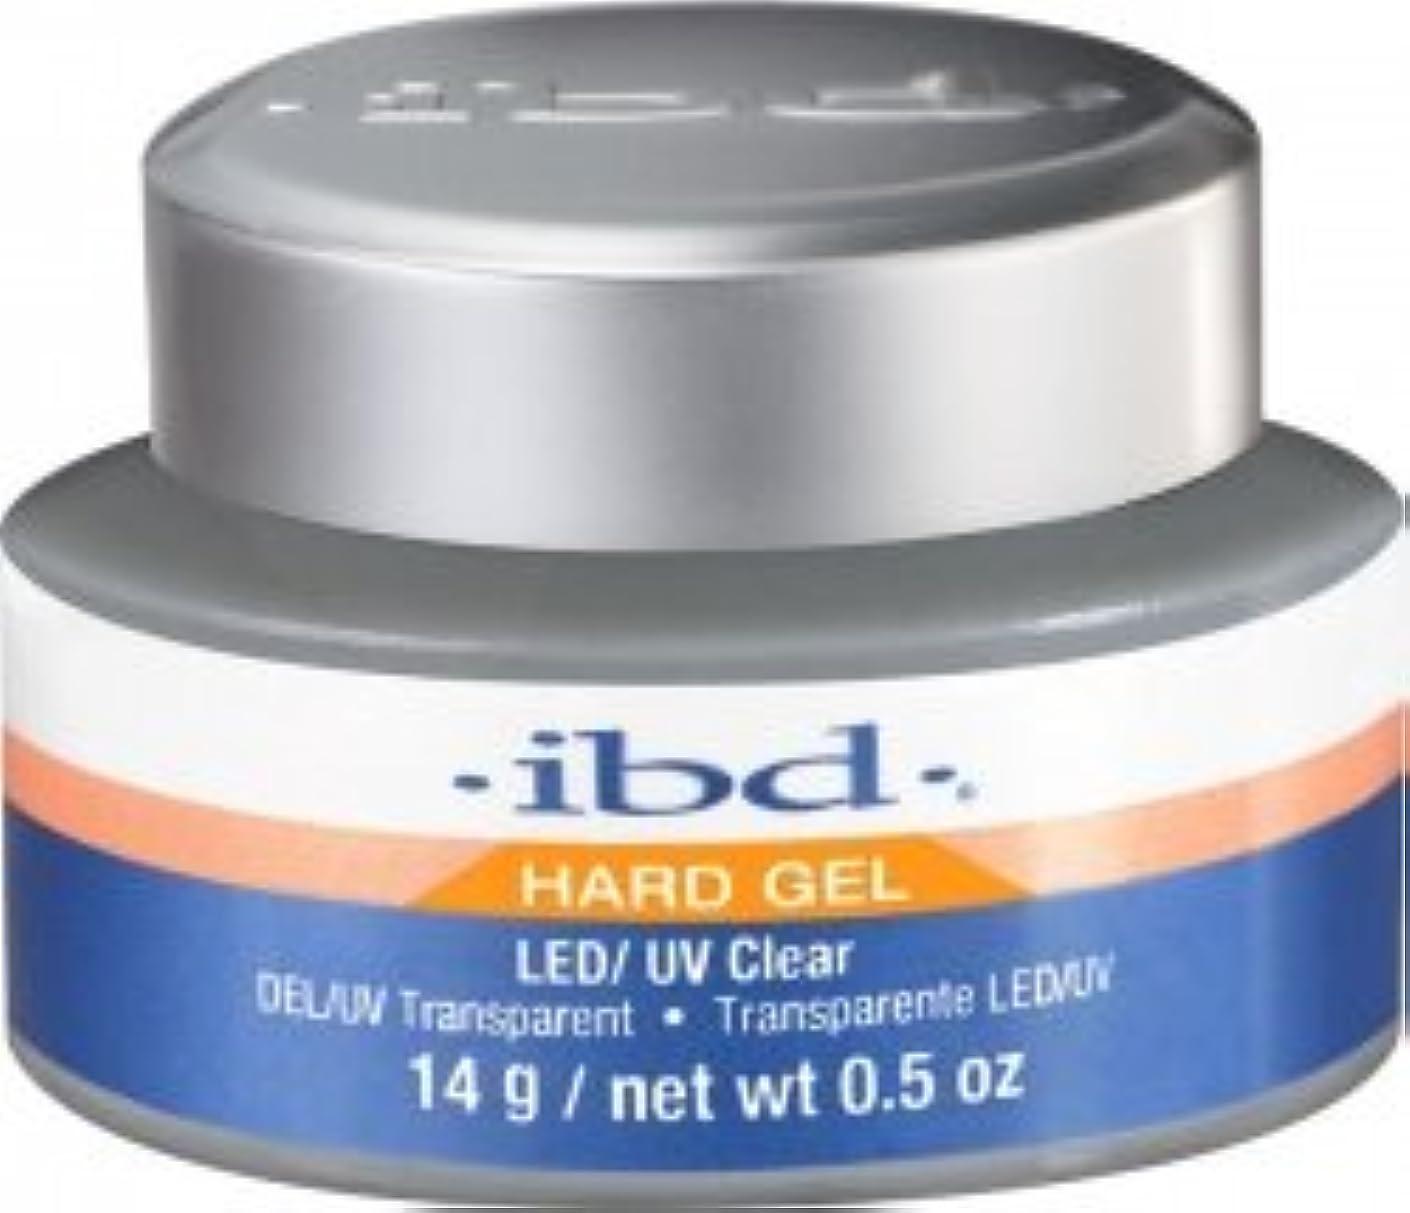 スタジオ意欲代理店IBD LED/UV Clear Gel - .5oz 14g [並行輸入品]